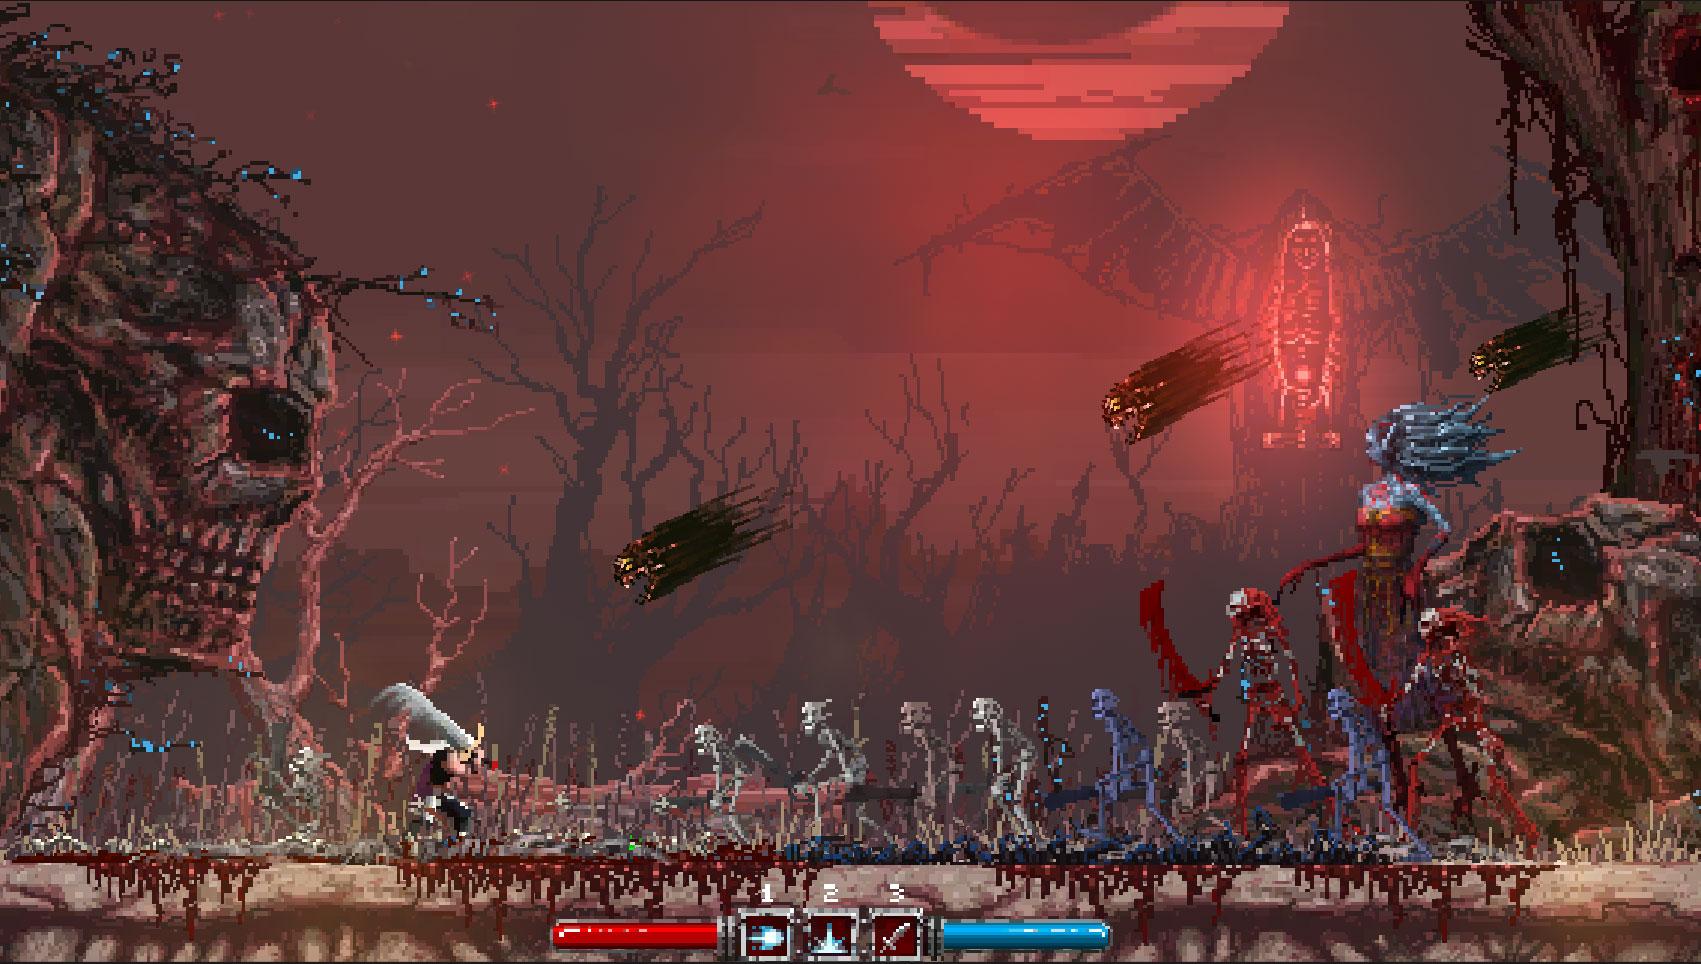 """Harte Gitarren-Riffs, stilvolle Pixel-Optik, """"Castlevania""""-verwandtes Gameplay und hektoliterweise Bildschirmblut: Das knallharte """"Slain"""" ist ein Pflichtzock für Metal-Heads mit Retro-DNA. (5.10. für PS4, XBO)"""